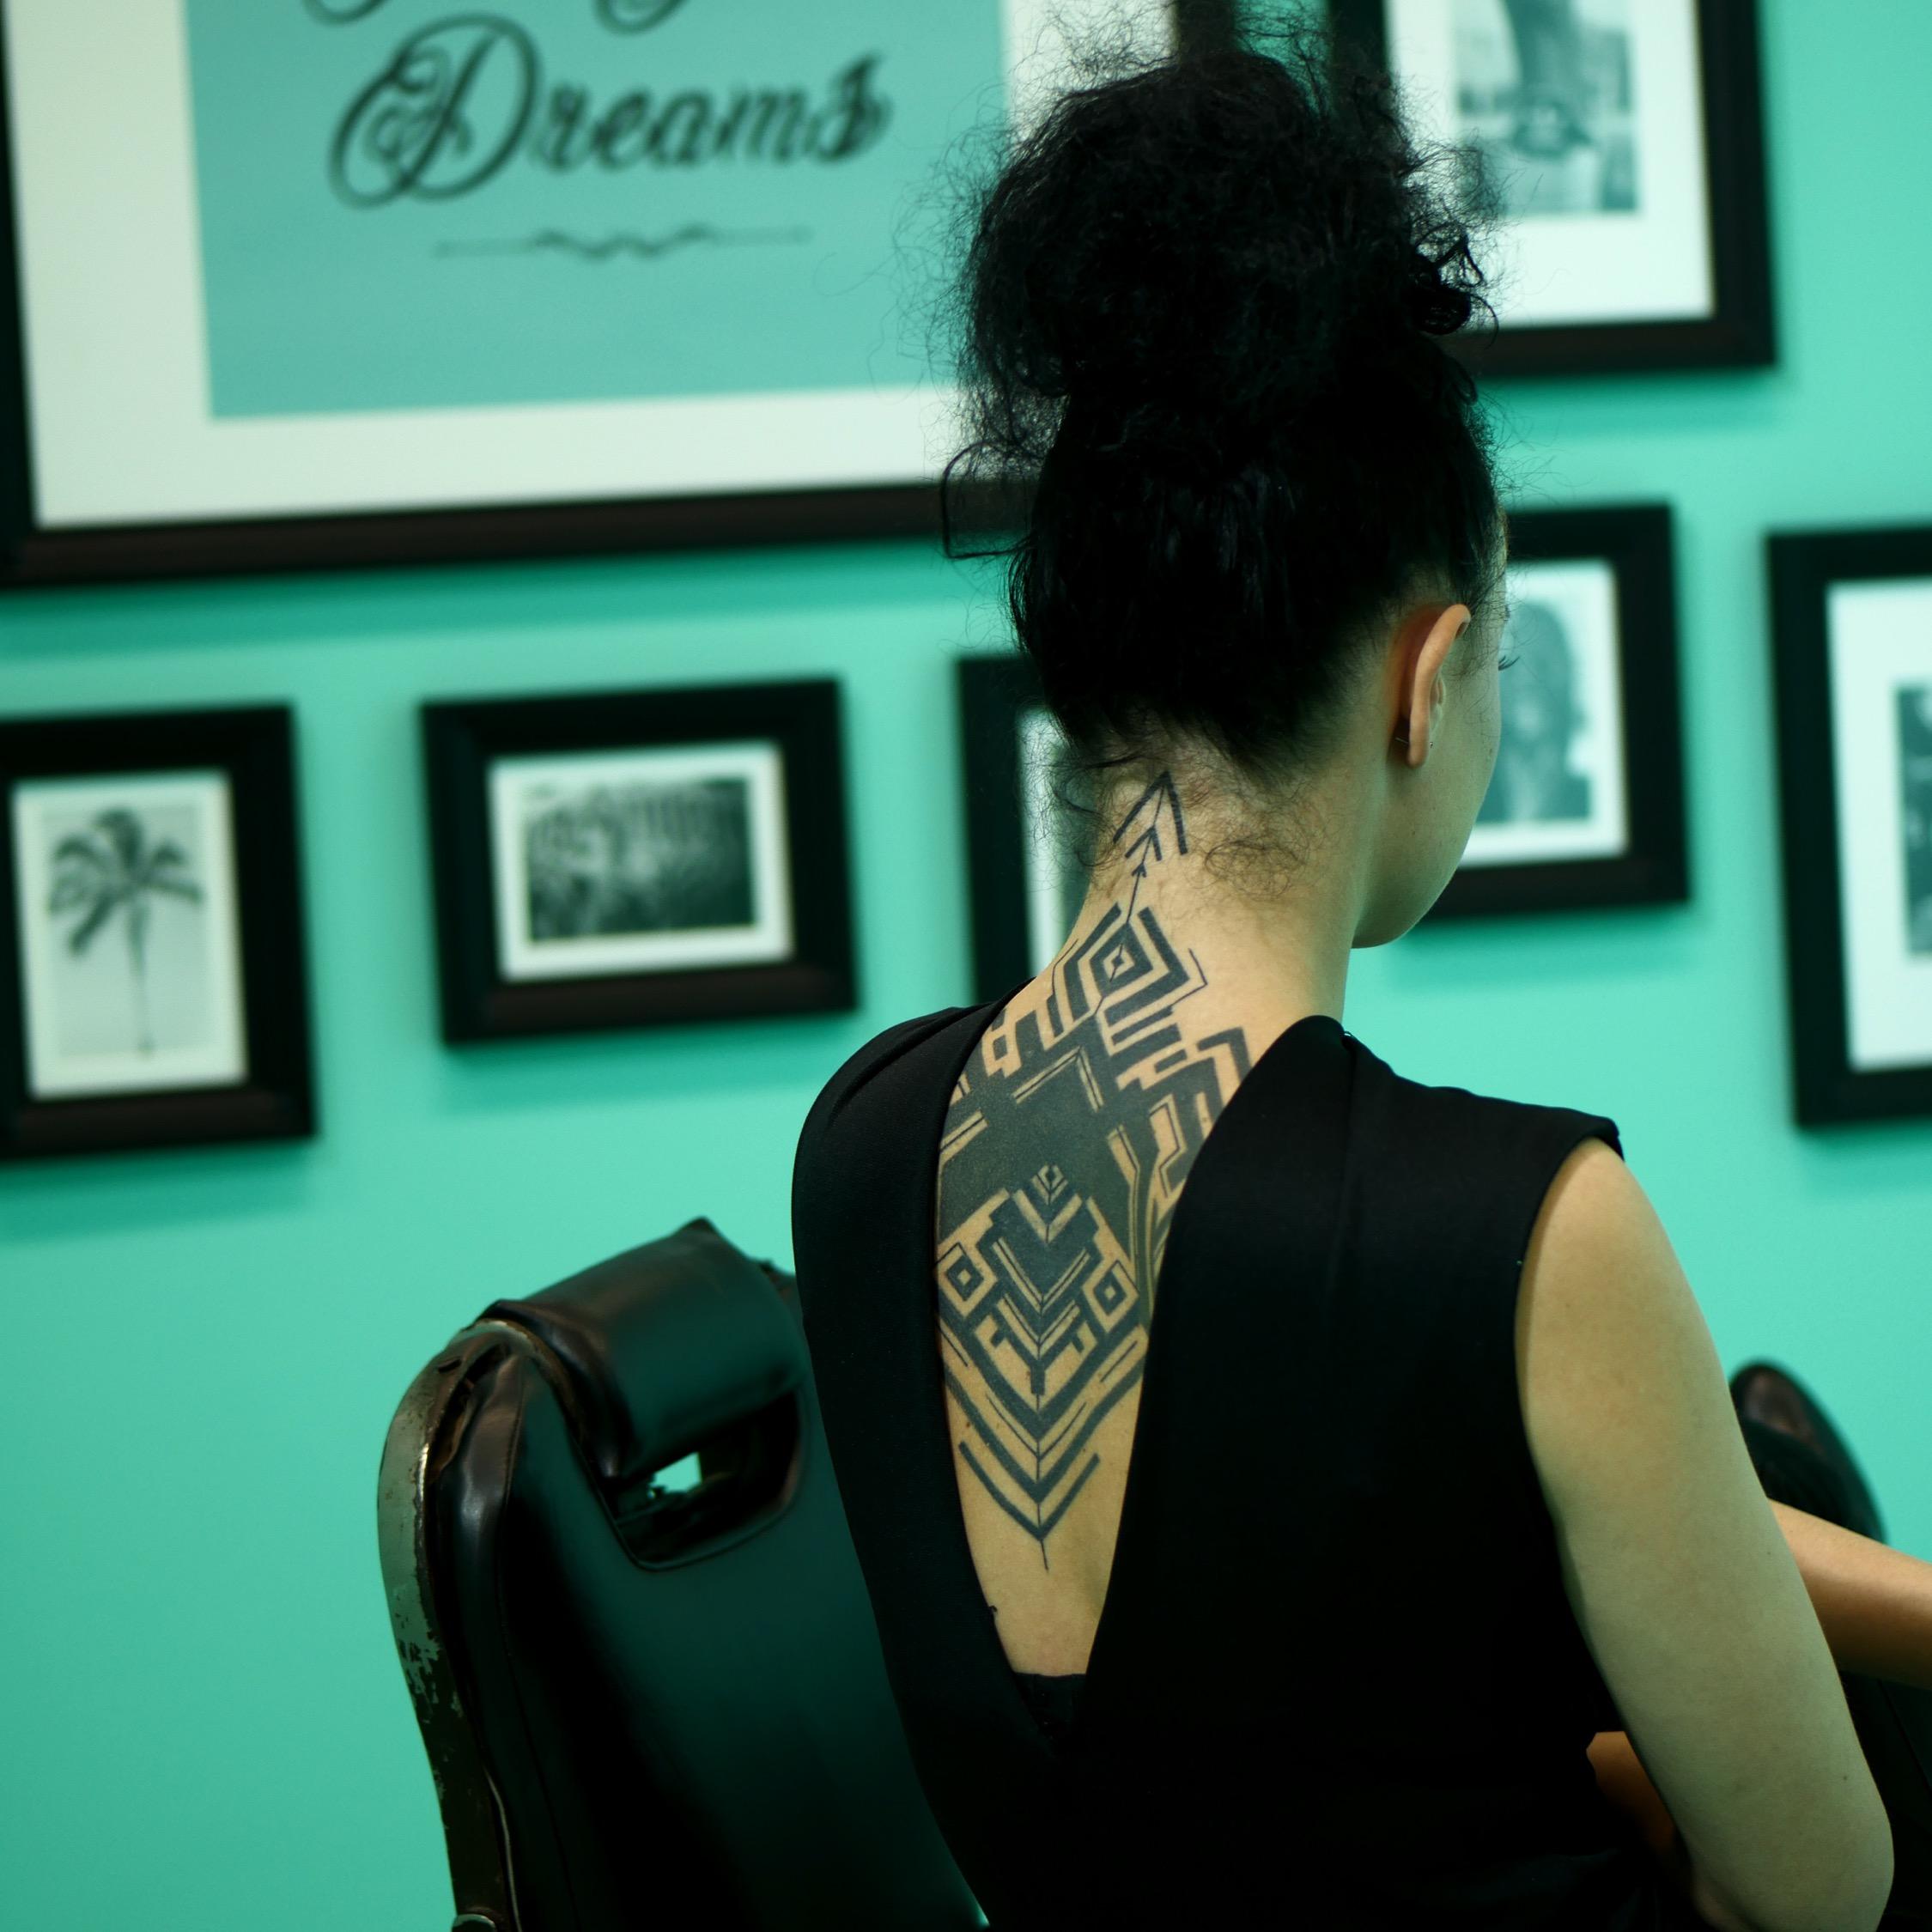 Tattoo, denn Stil ist keine Frage der Zeit